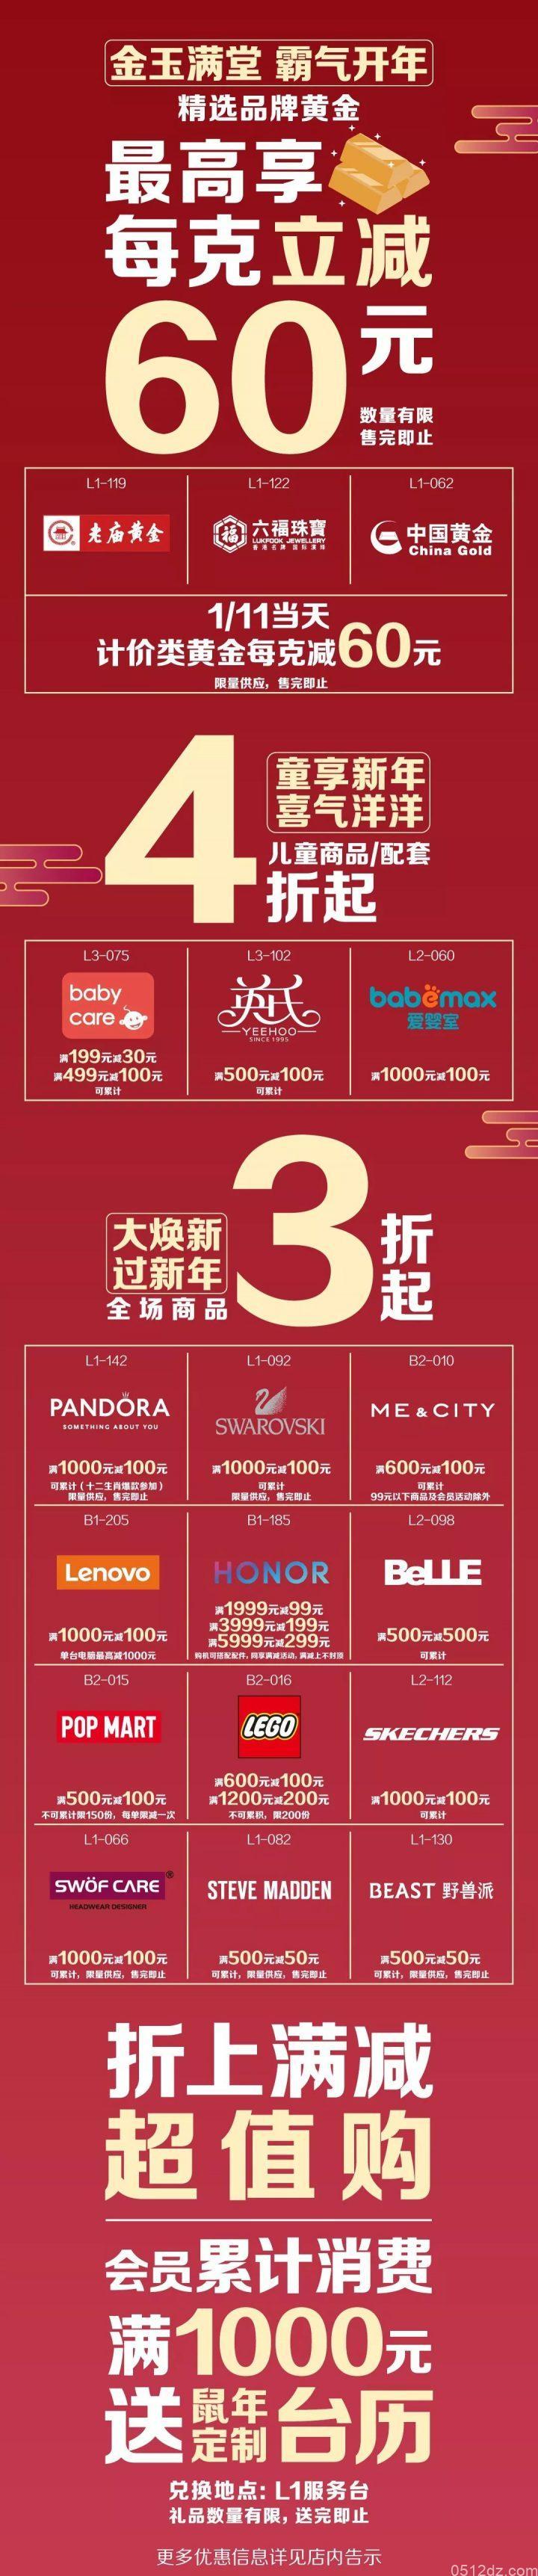 上海环球港1.11疯狂环球年货节